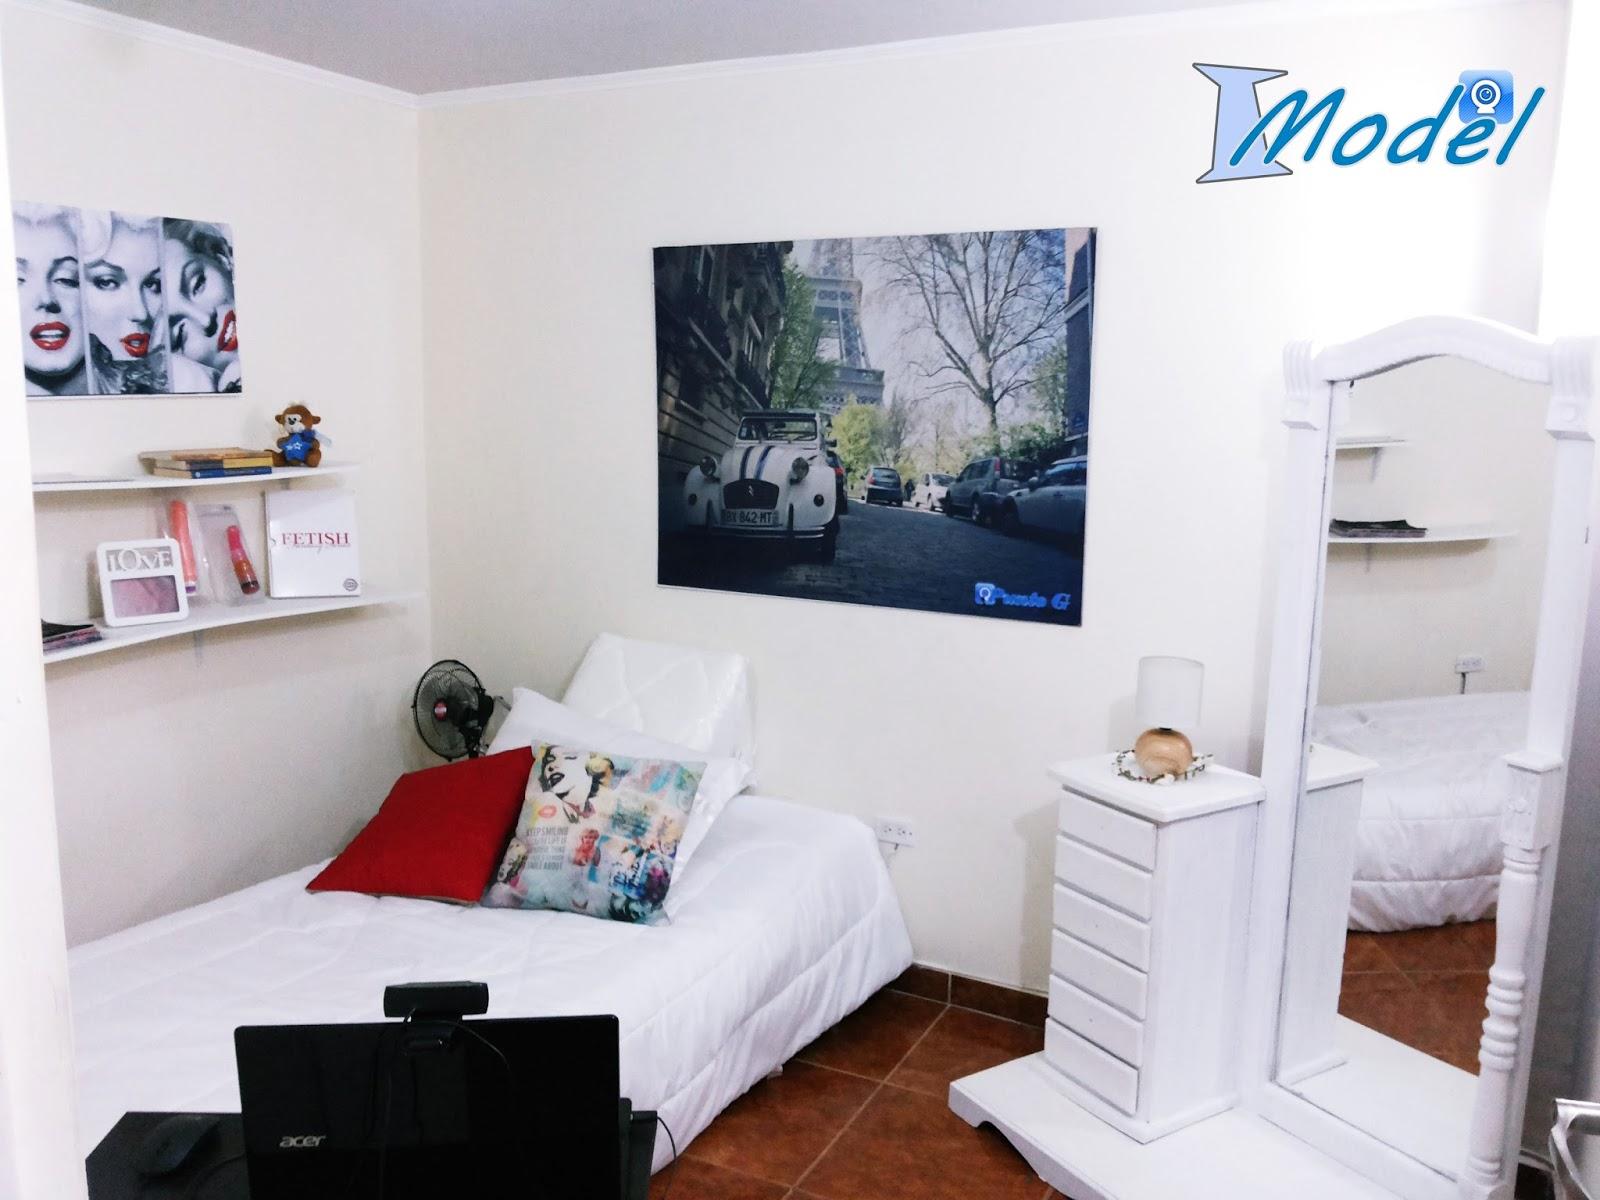 20160427_085112  Prepagos Medellin - Escorts Medellin - Modelos Web Cam